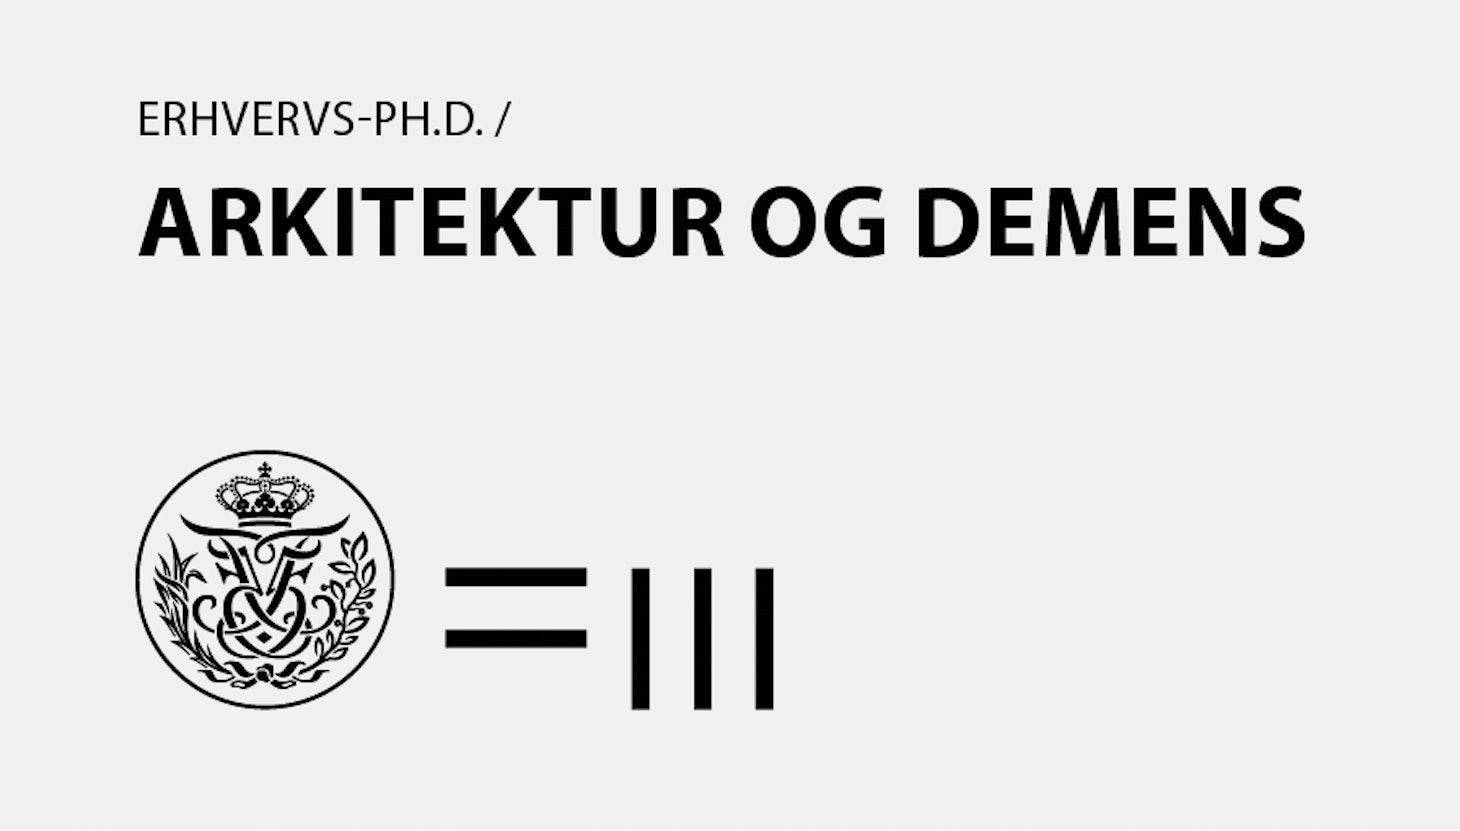 Erhvervs-ph.d. i Arkitektur og Demens